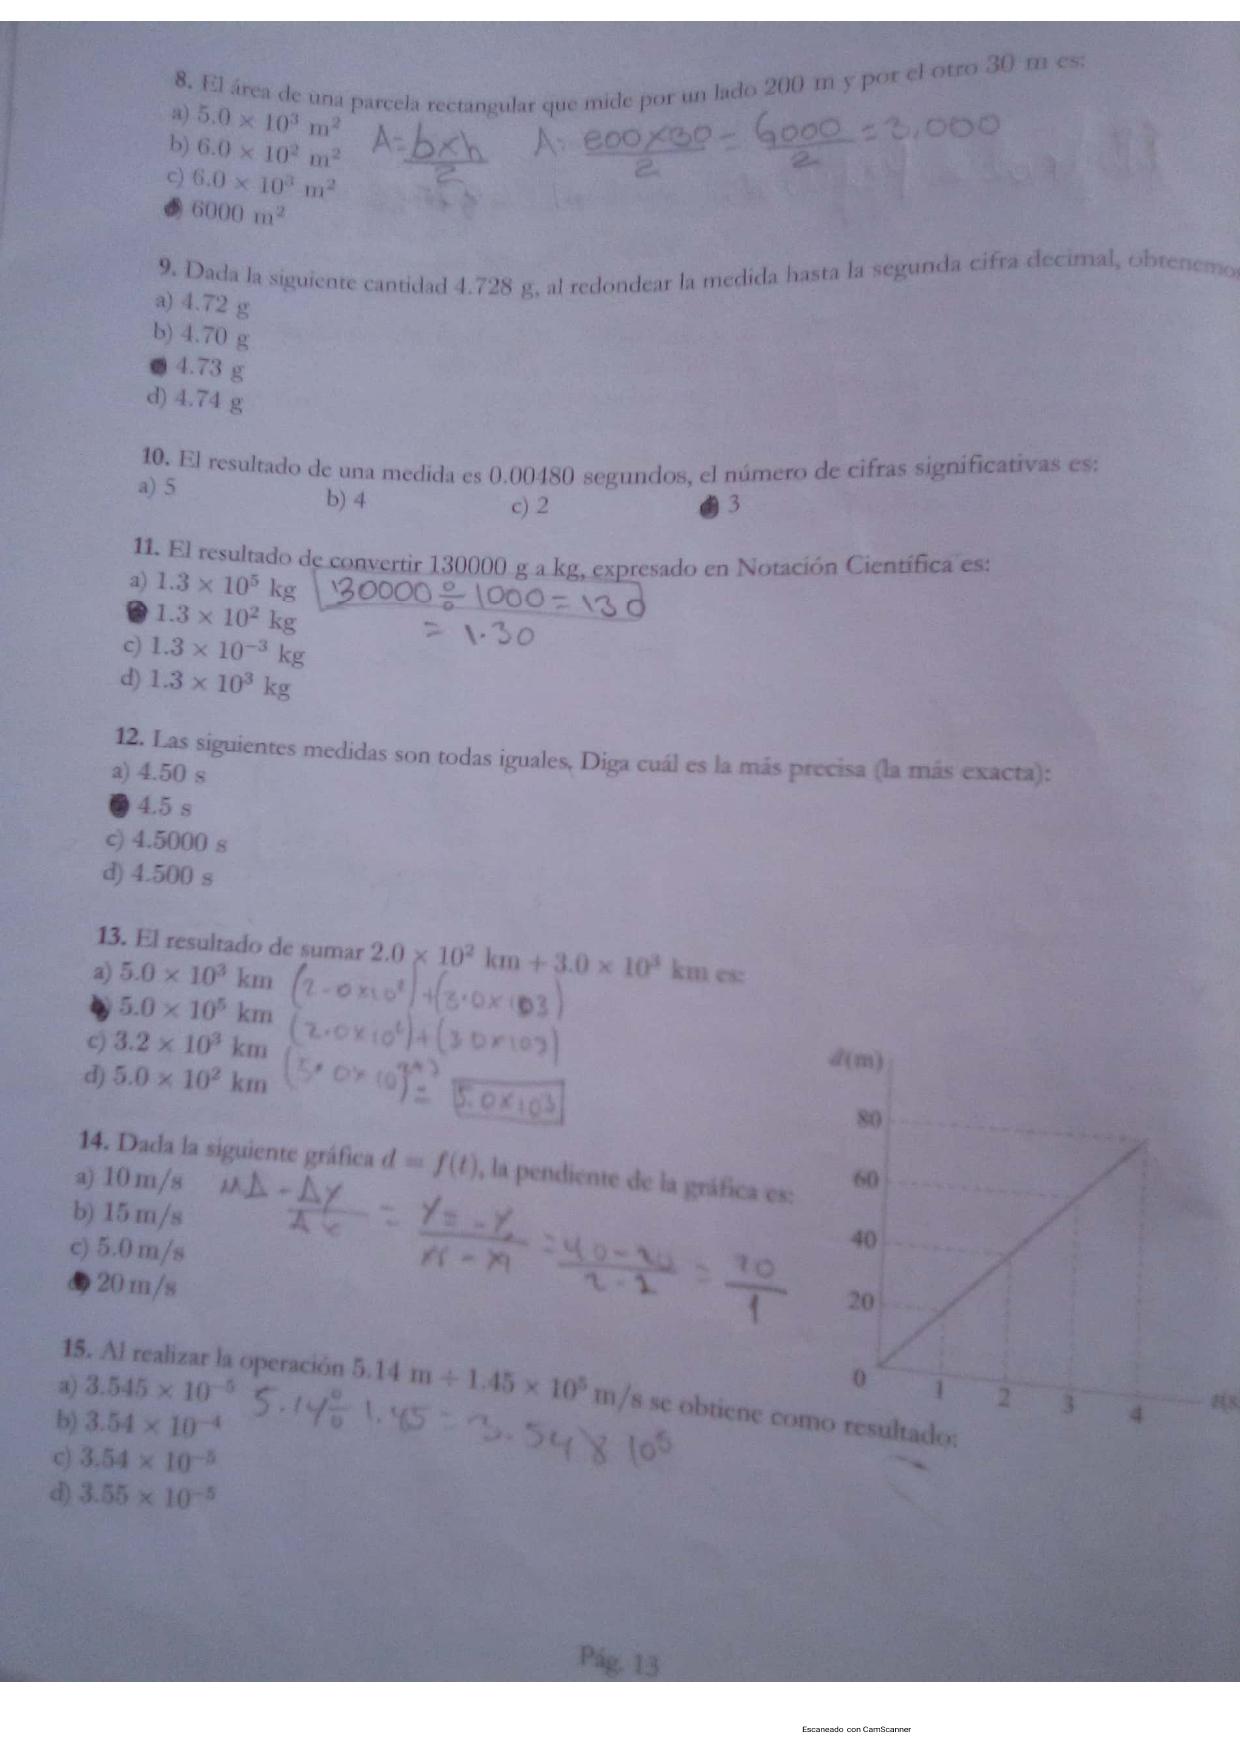 cuaderno-de-trabajo-f-sica-b-sica-page-0012